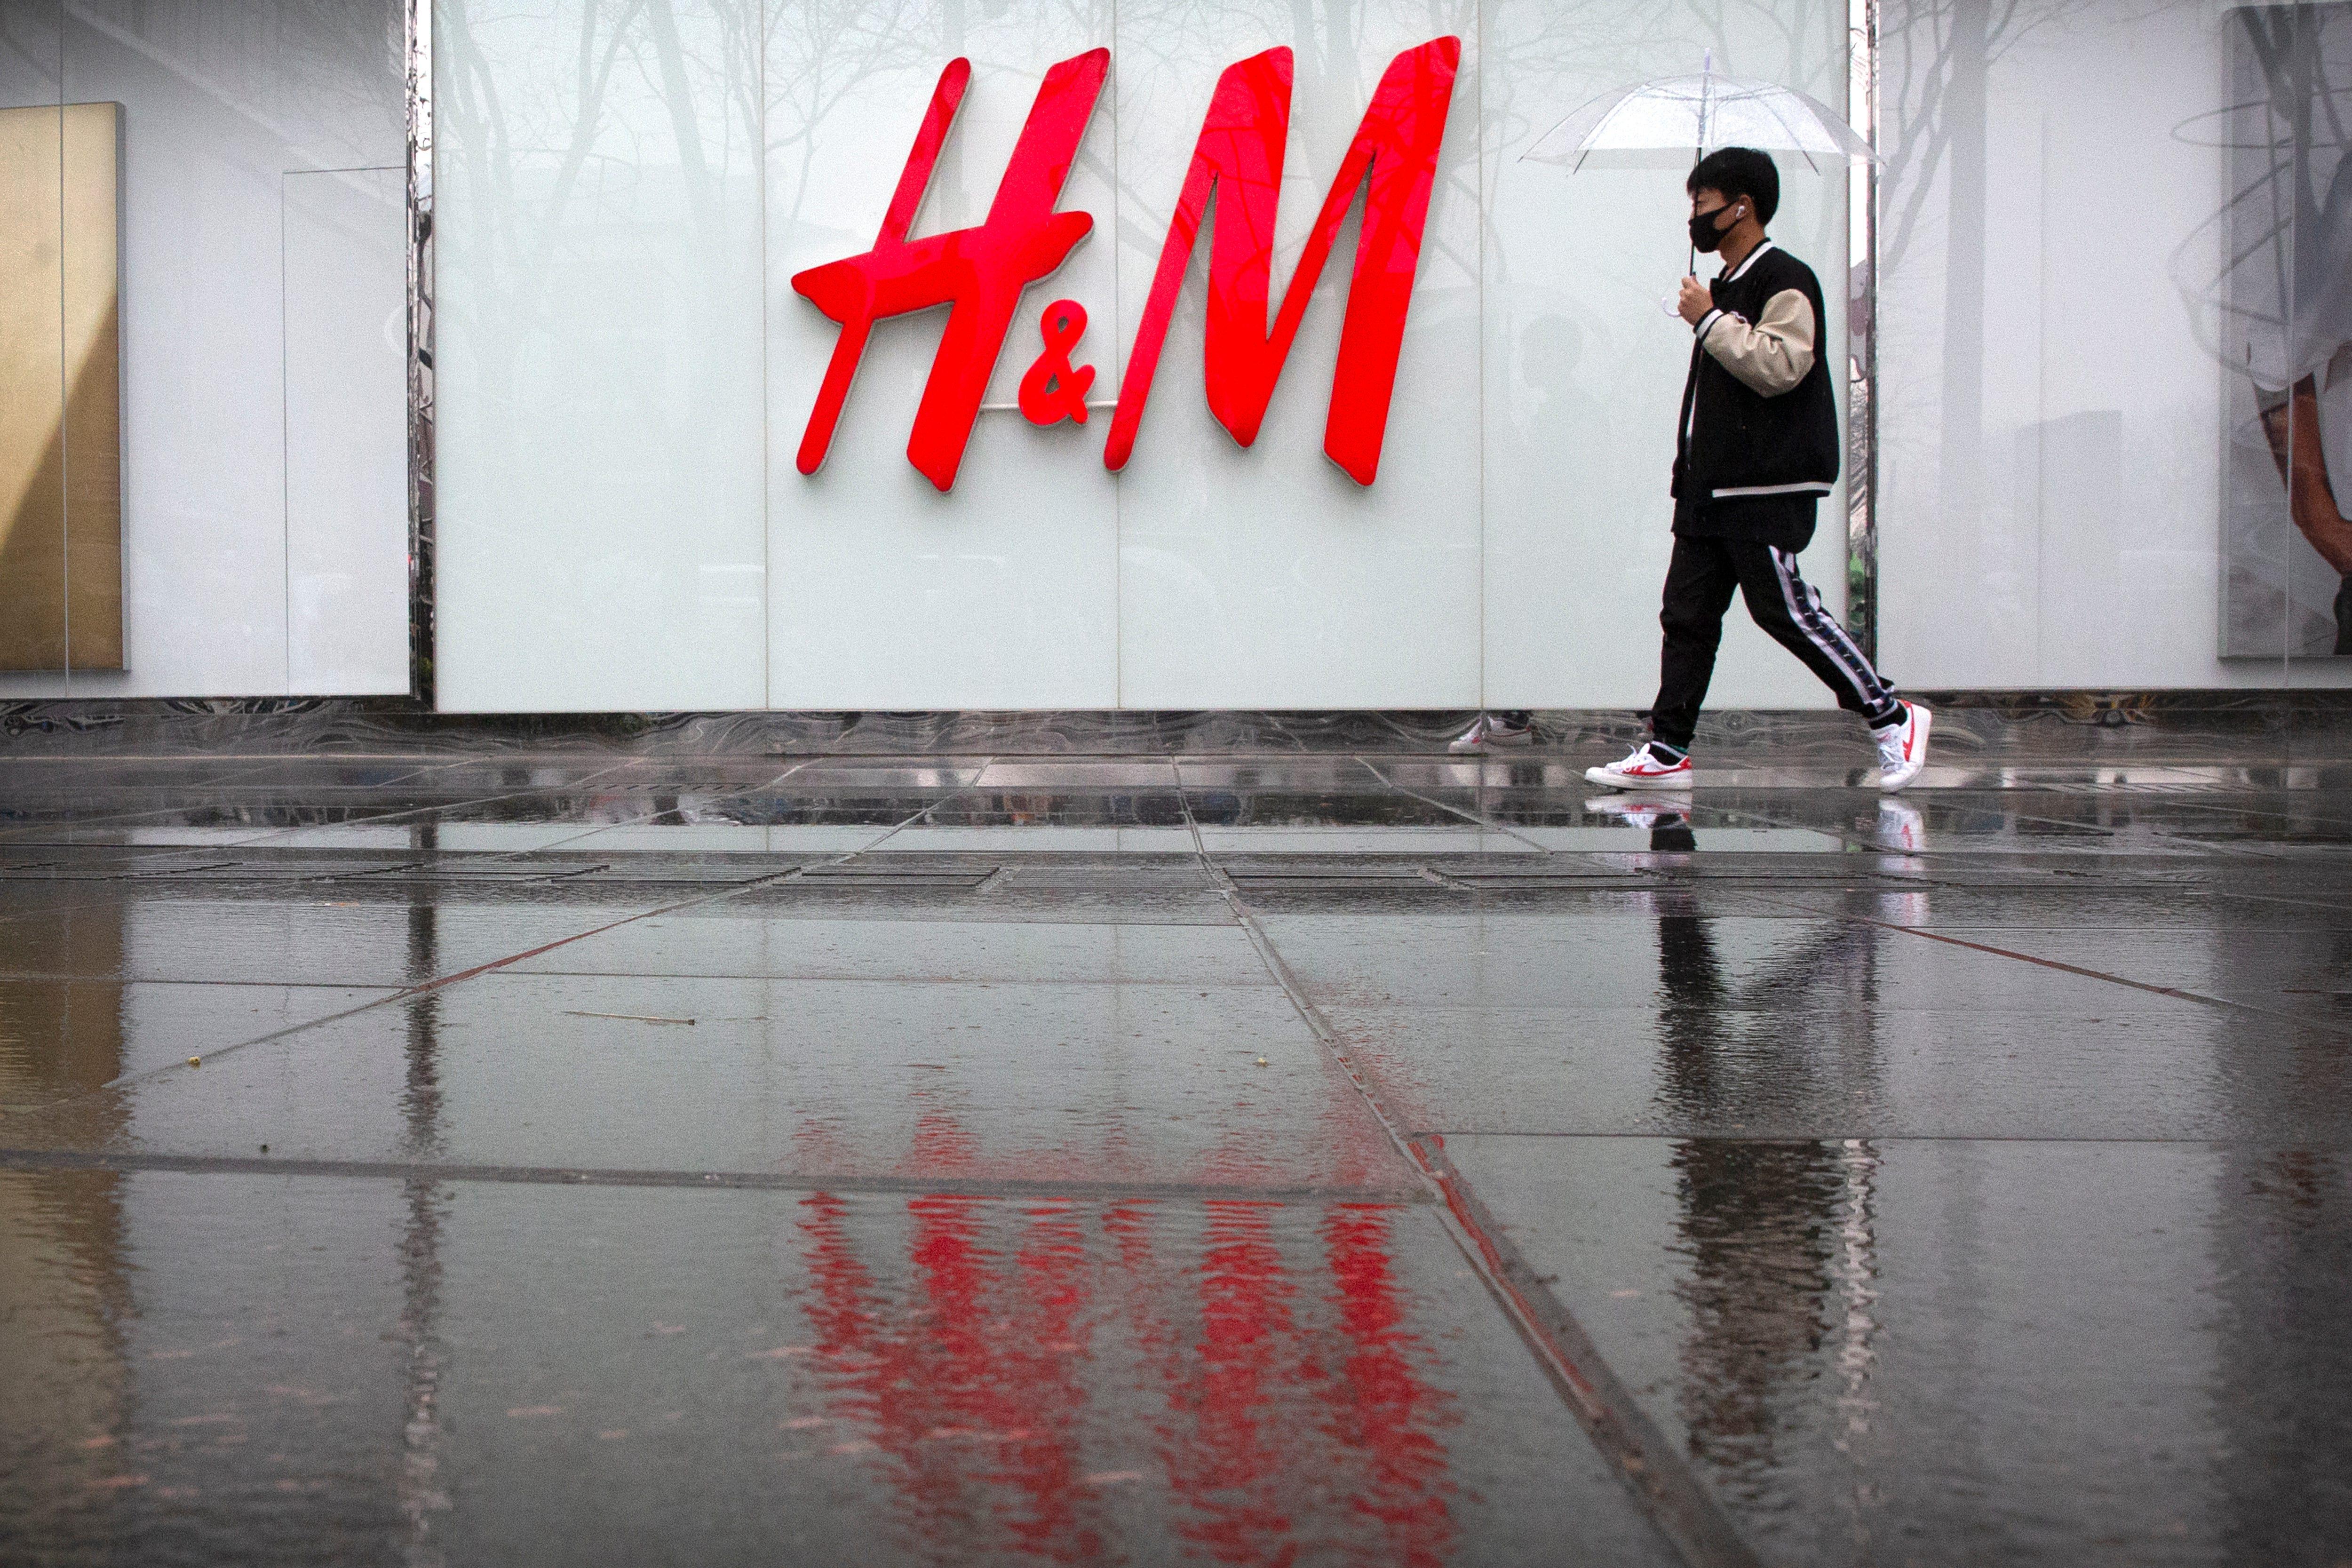 China erasing H&M from internet amid Xinjiang backlash 1